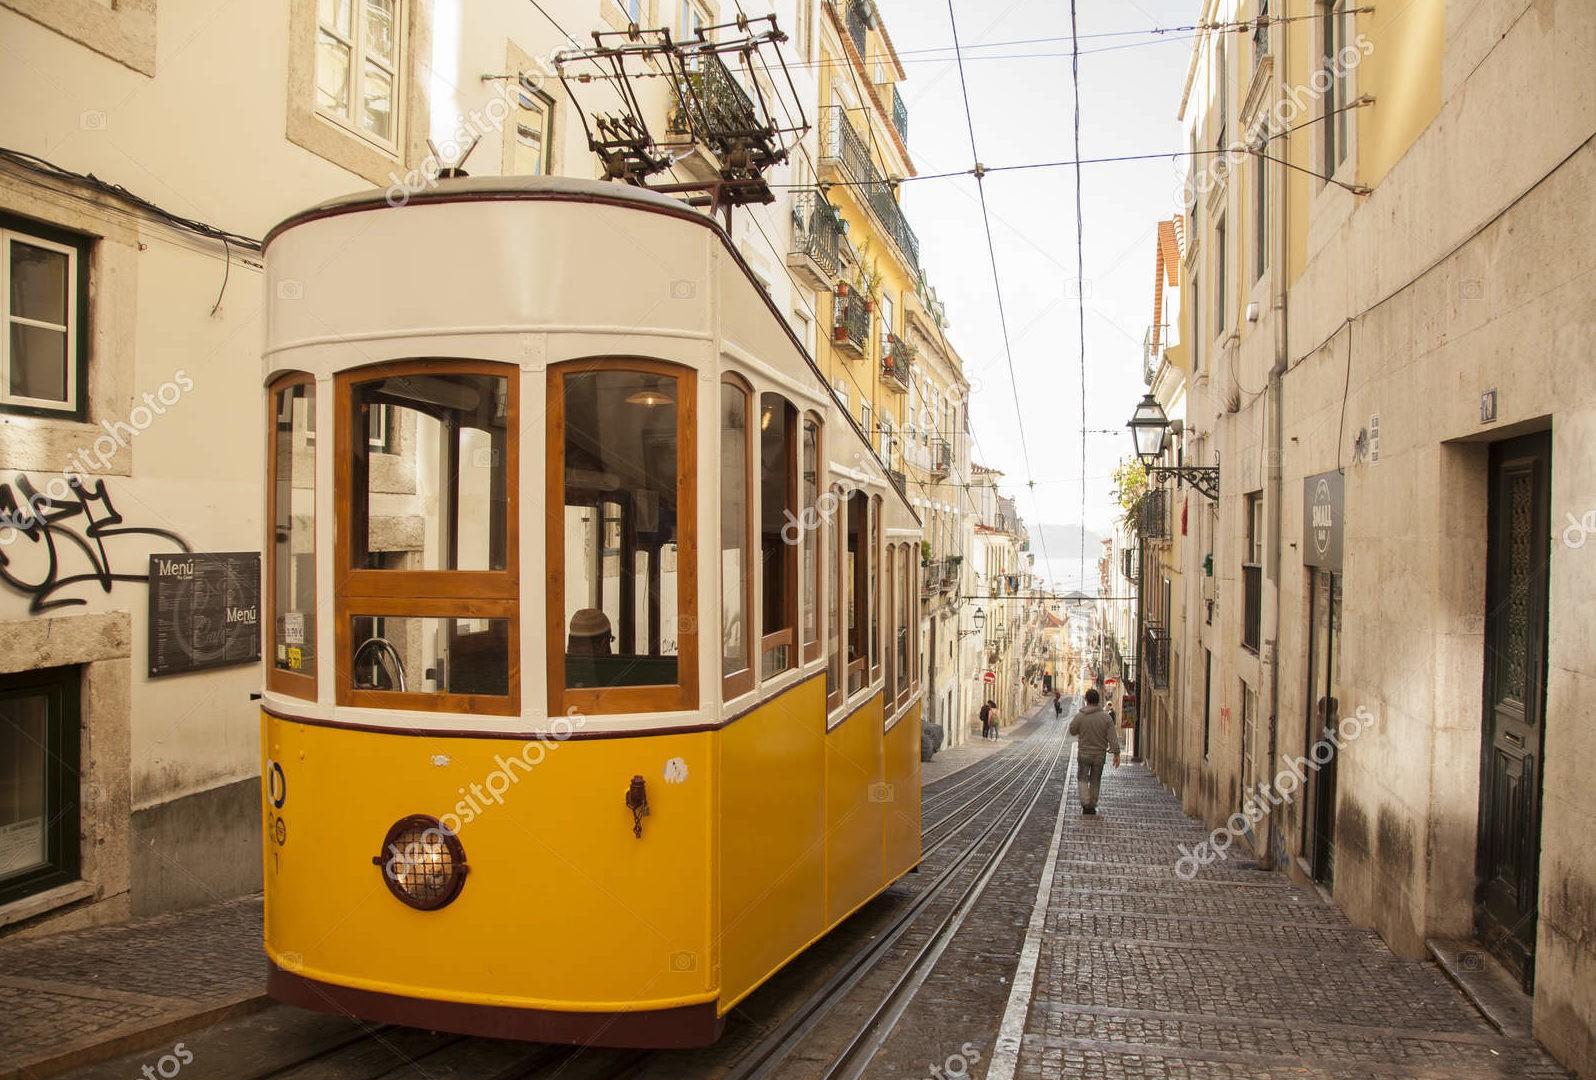 Лиссабон, желтый трамвай